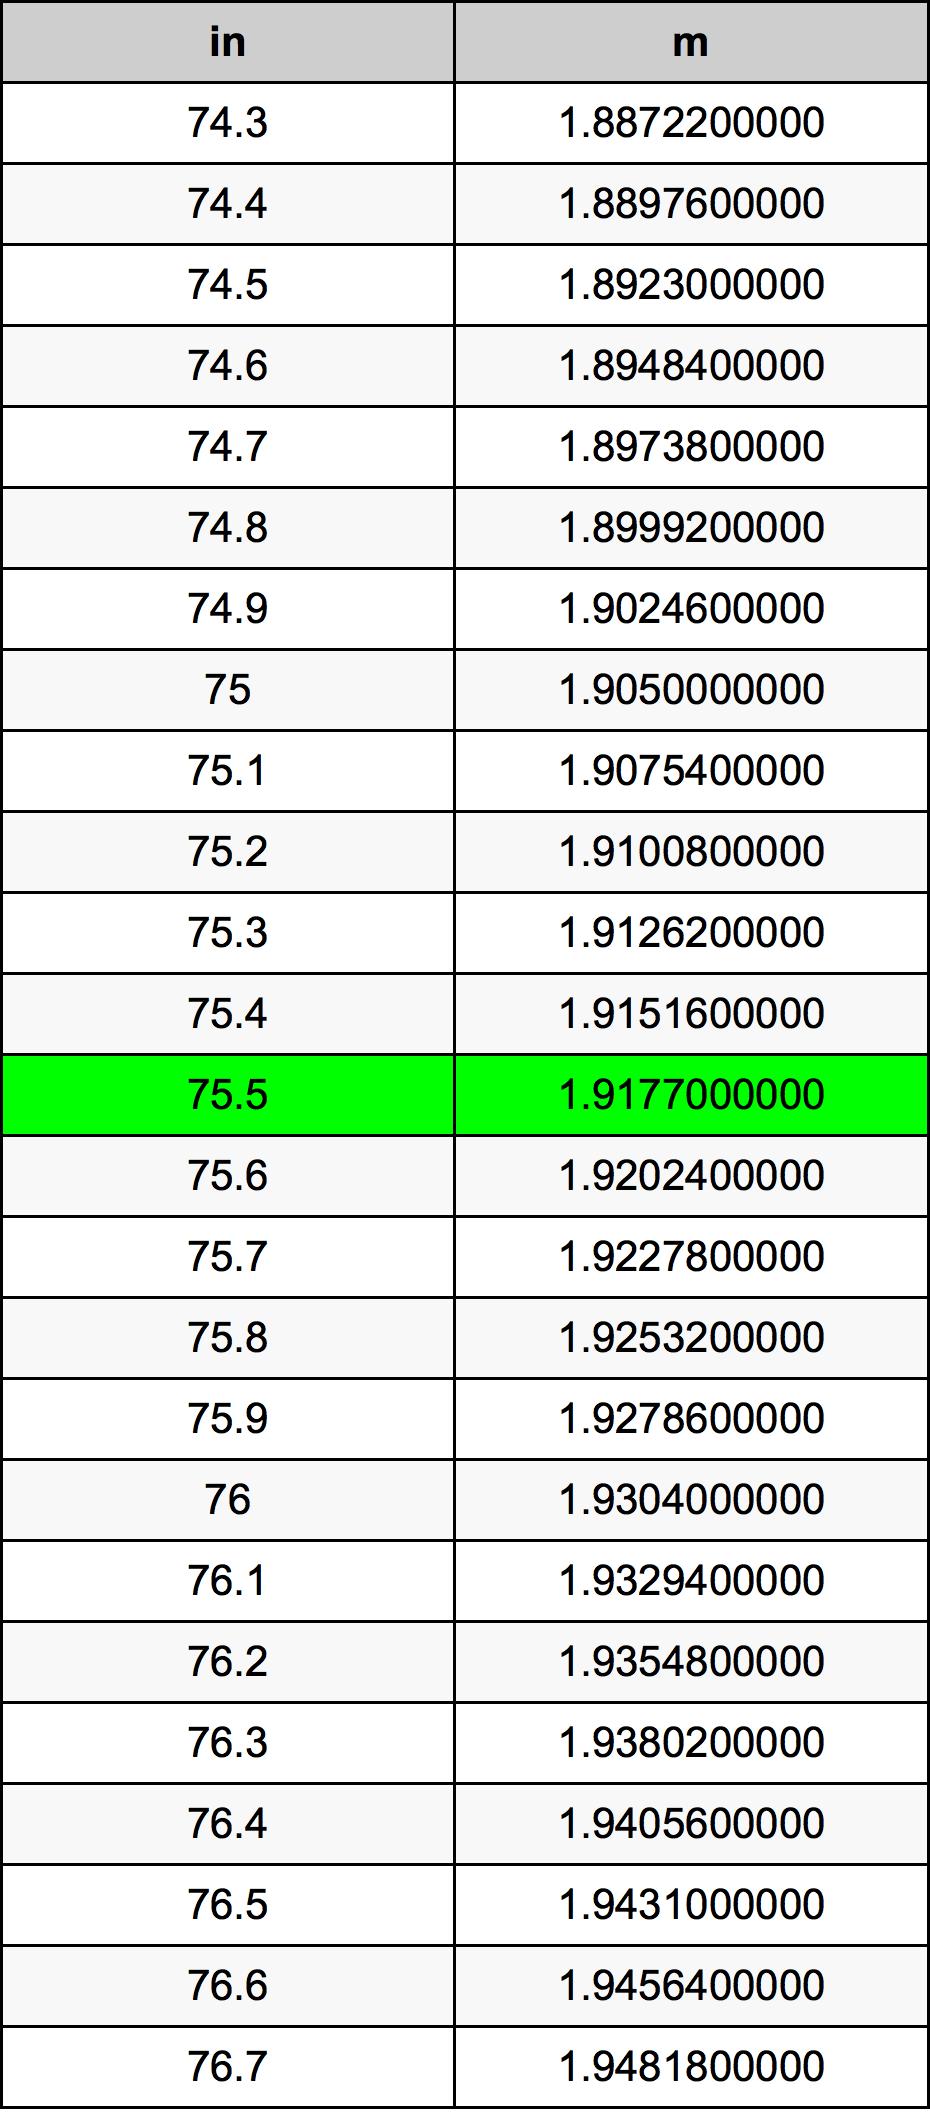 75.5 Țol tabelul de conversie